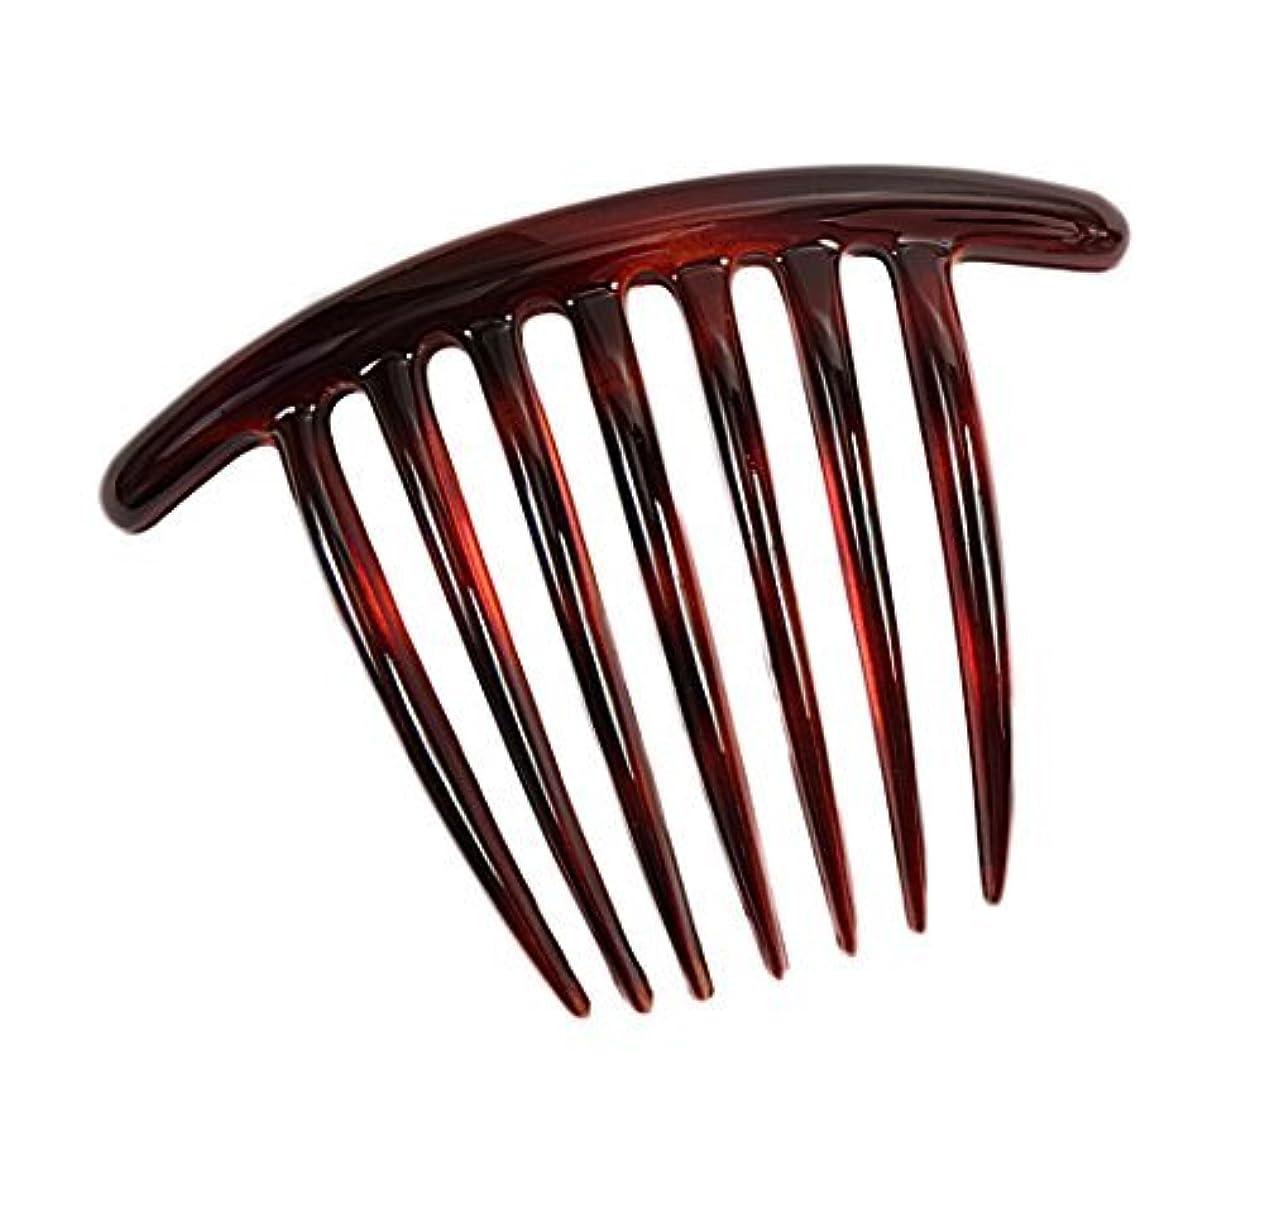 作者織るリビングルームCaravan French Twist Comb, Tortoise Shell [並行輸入品]